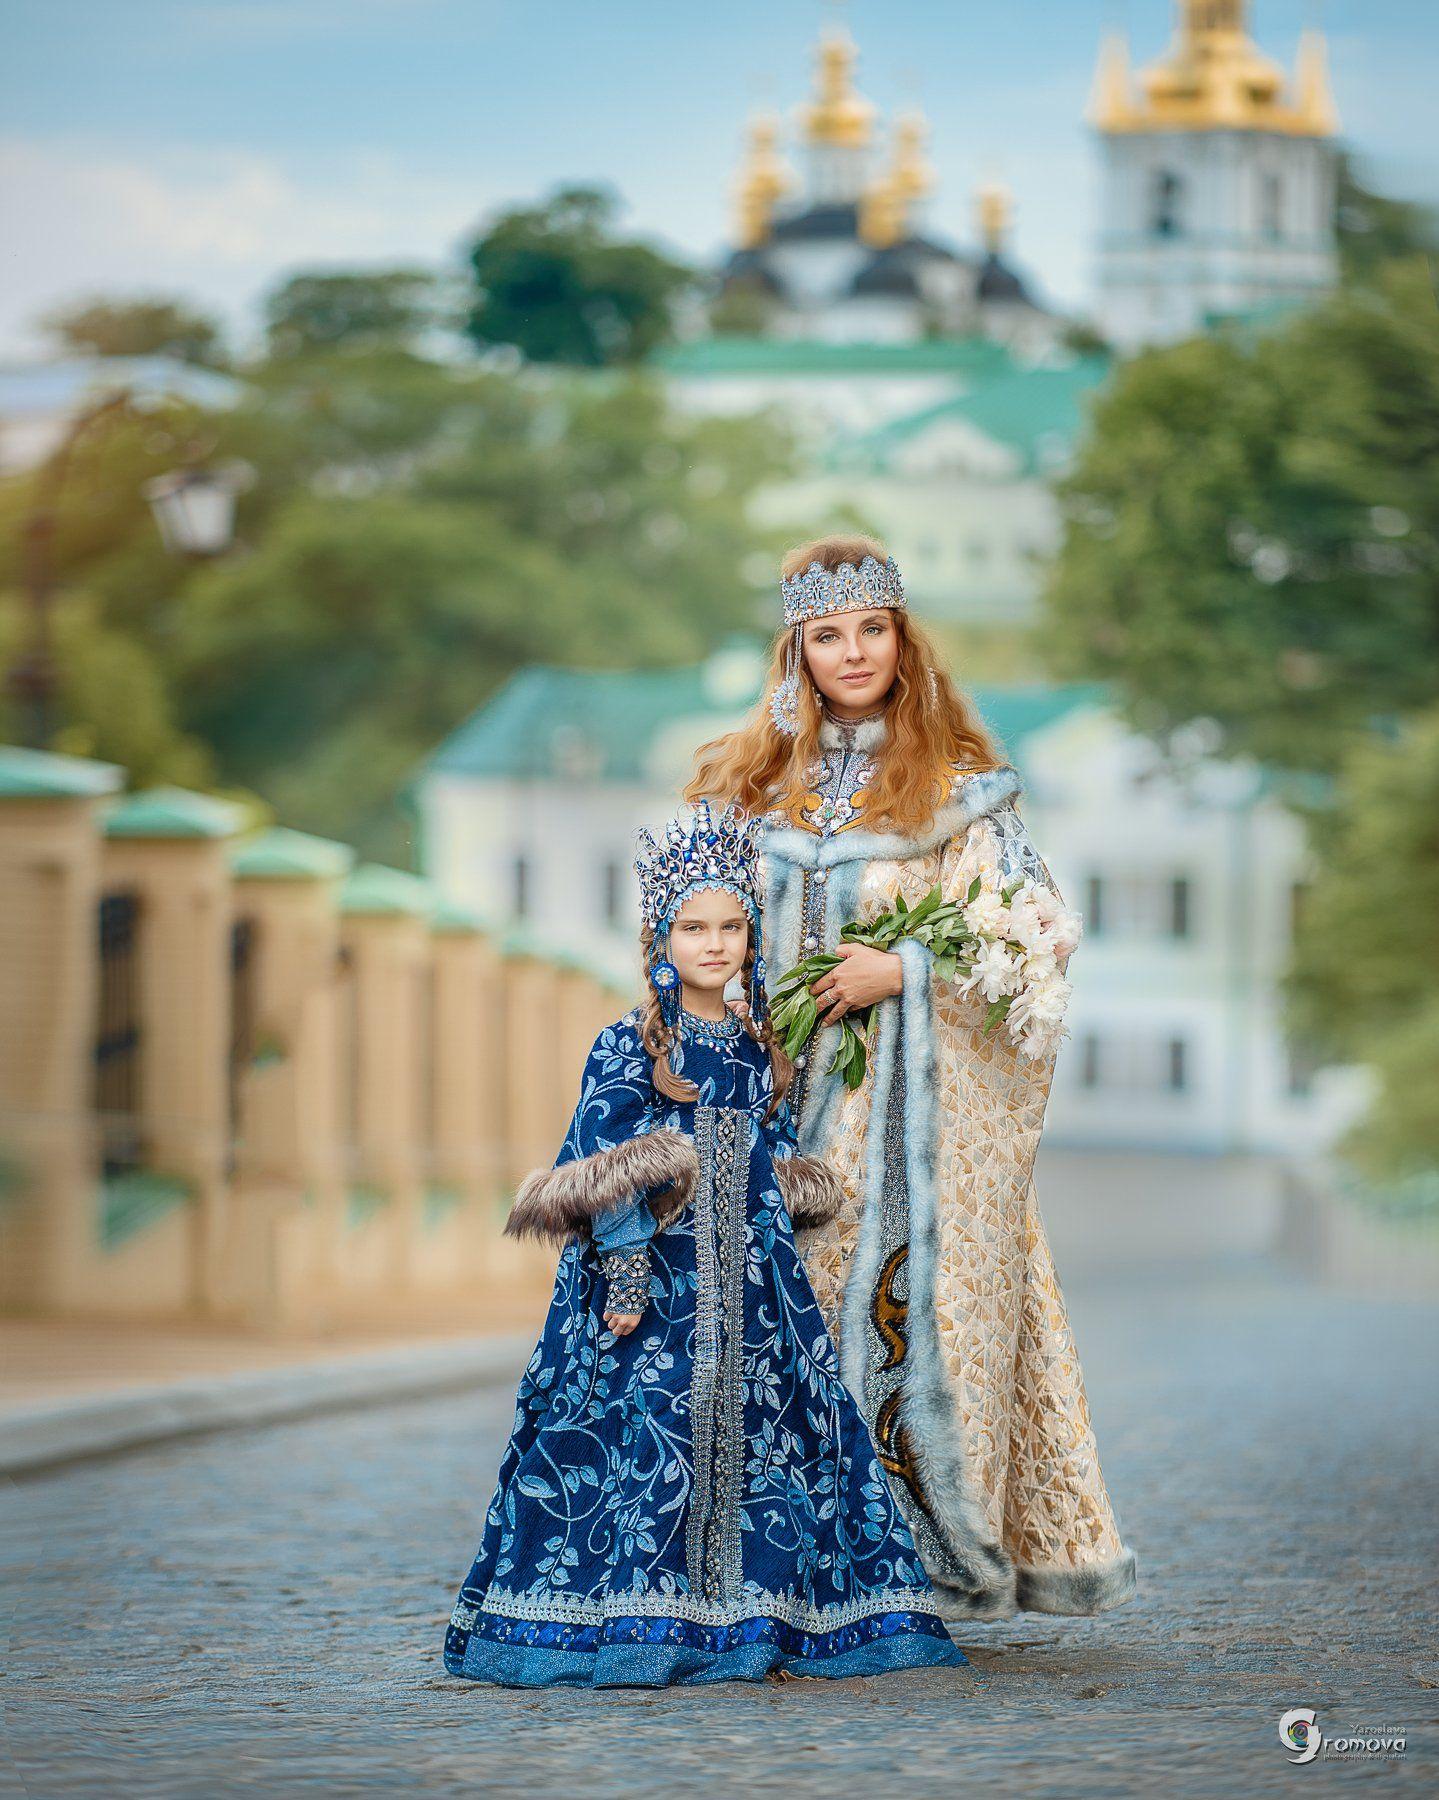 Киевская Русь, княжна, семья, мама и дочь, лето, исторический костюм, Gromova Yaroslava